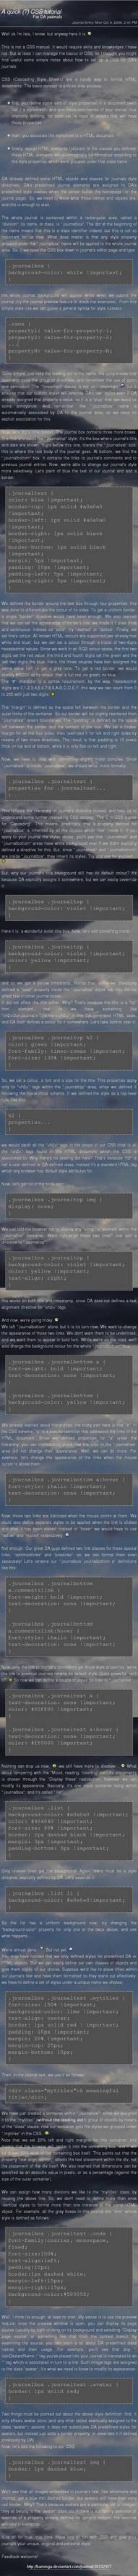 DA journals CSS tutorial